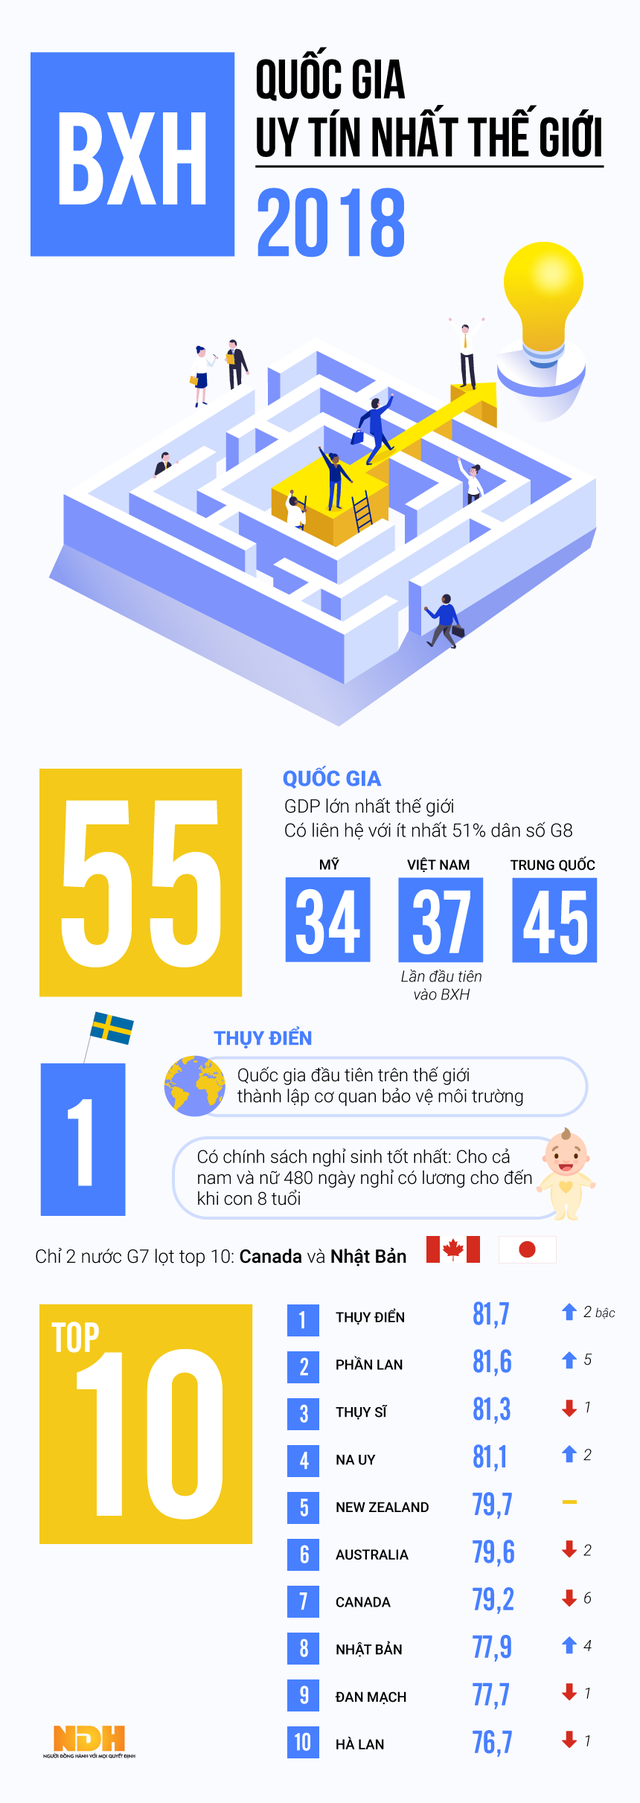 [Infographic] Việt Nam nằm trong nhóm 55 quốc gia uy tín nhất thế giới 2018 - Ảnh 1.